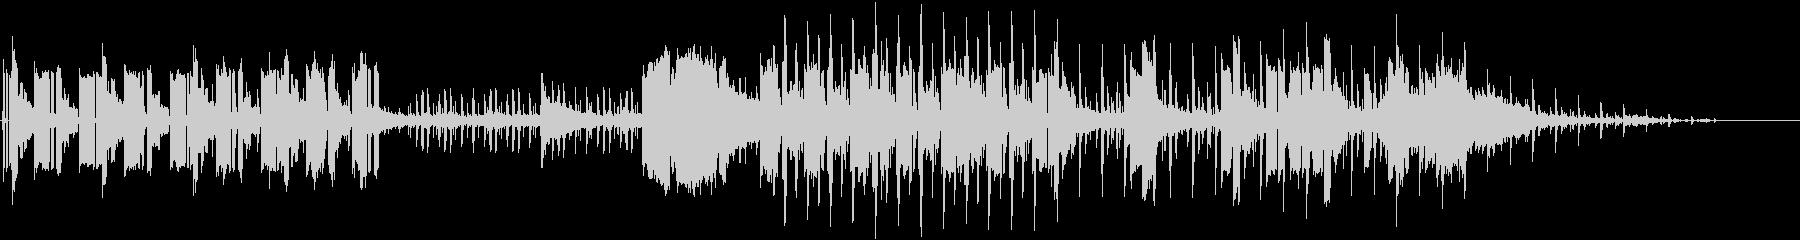 シーケンス化された低音とシンセの効...の未再生の波形